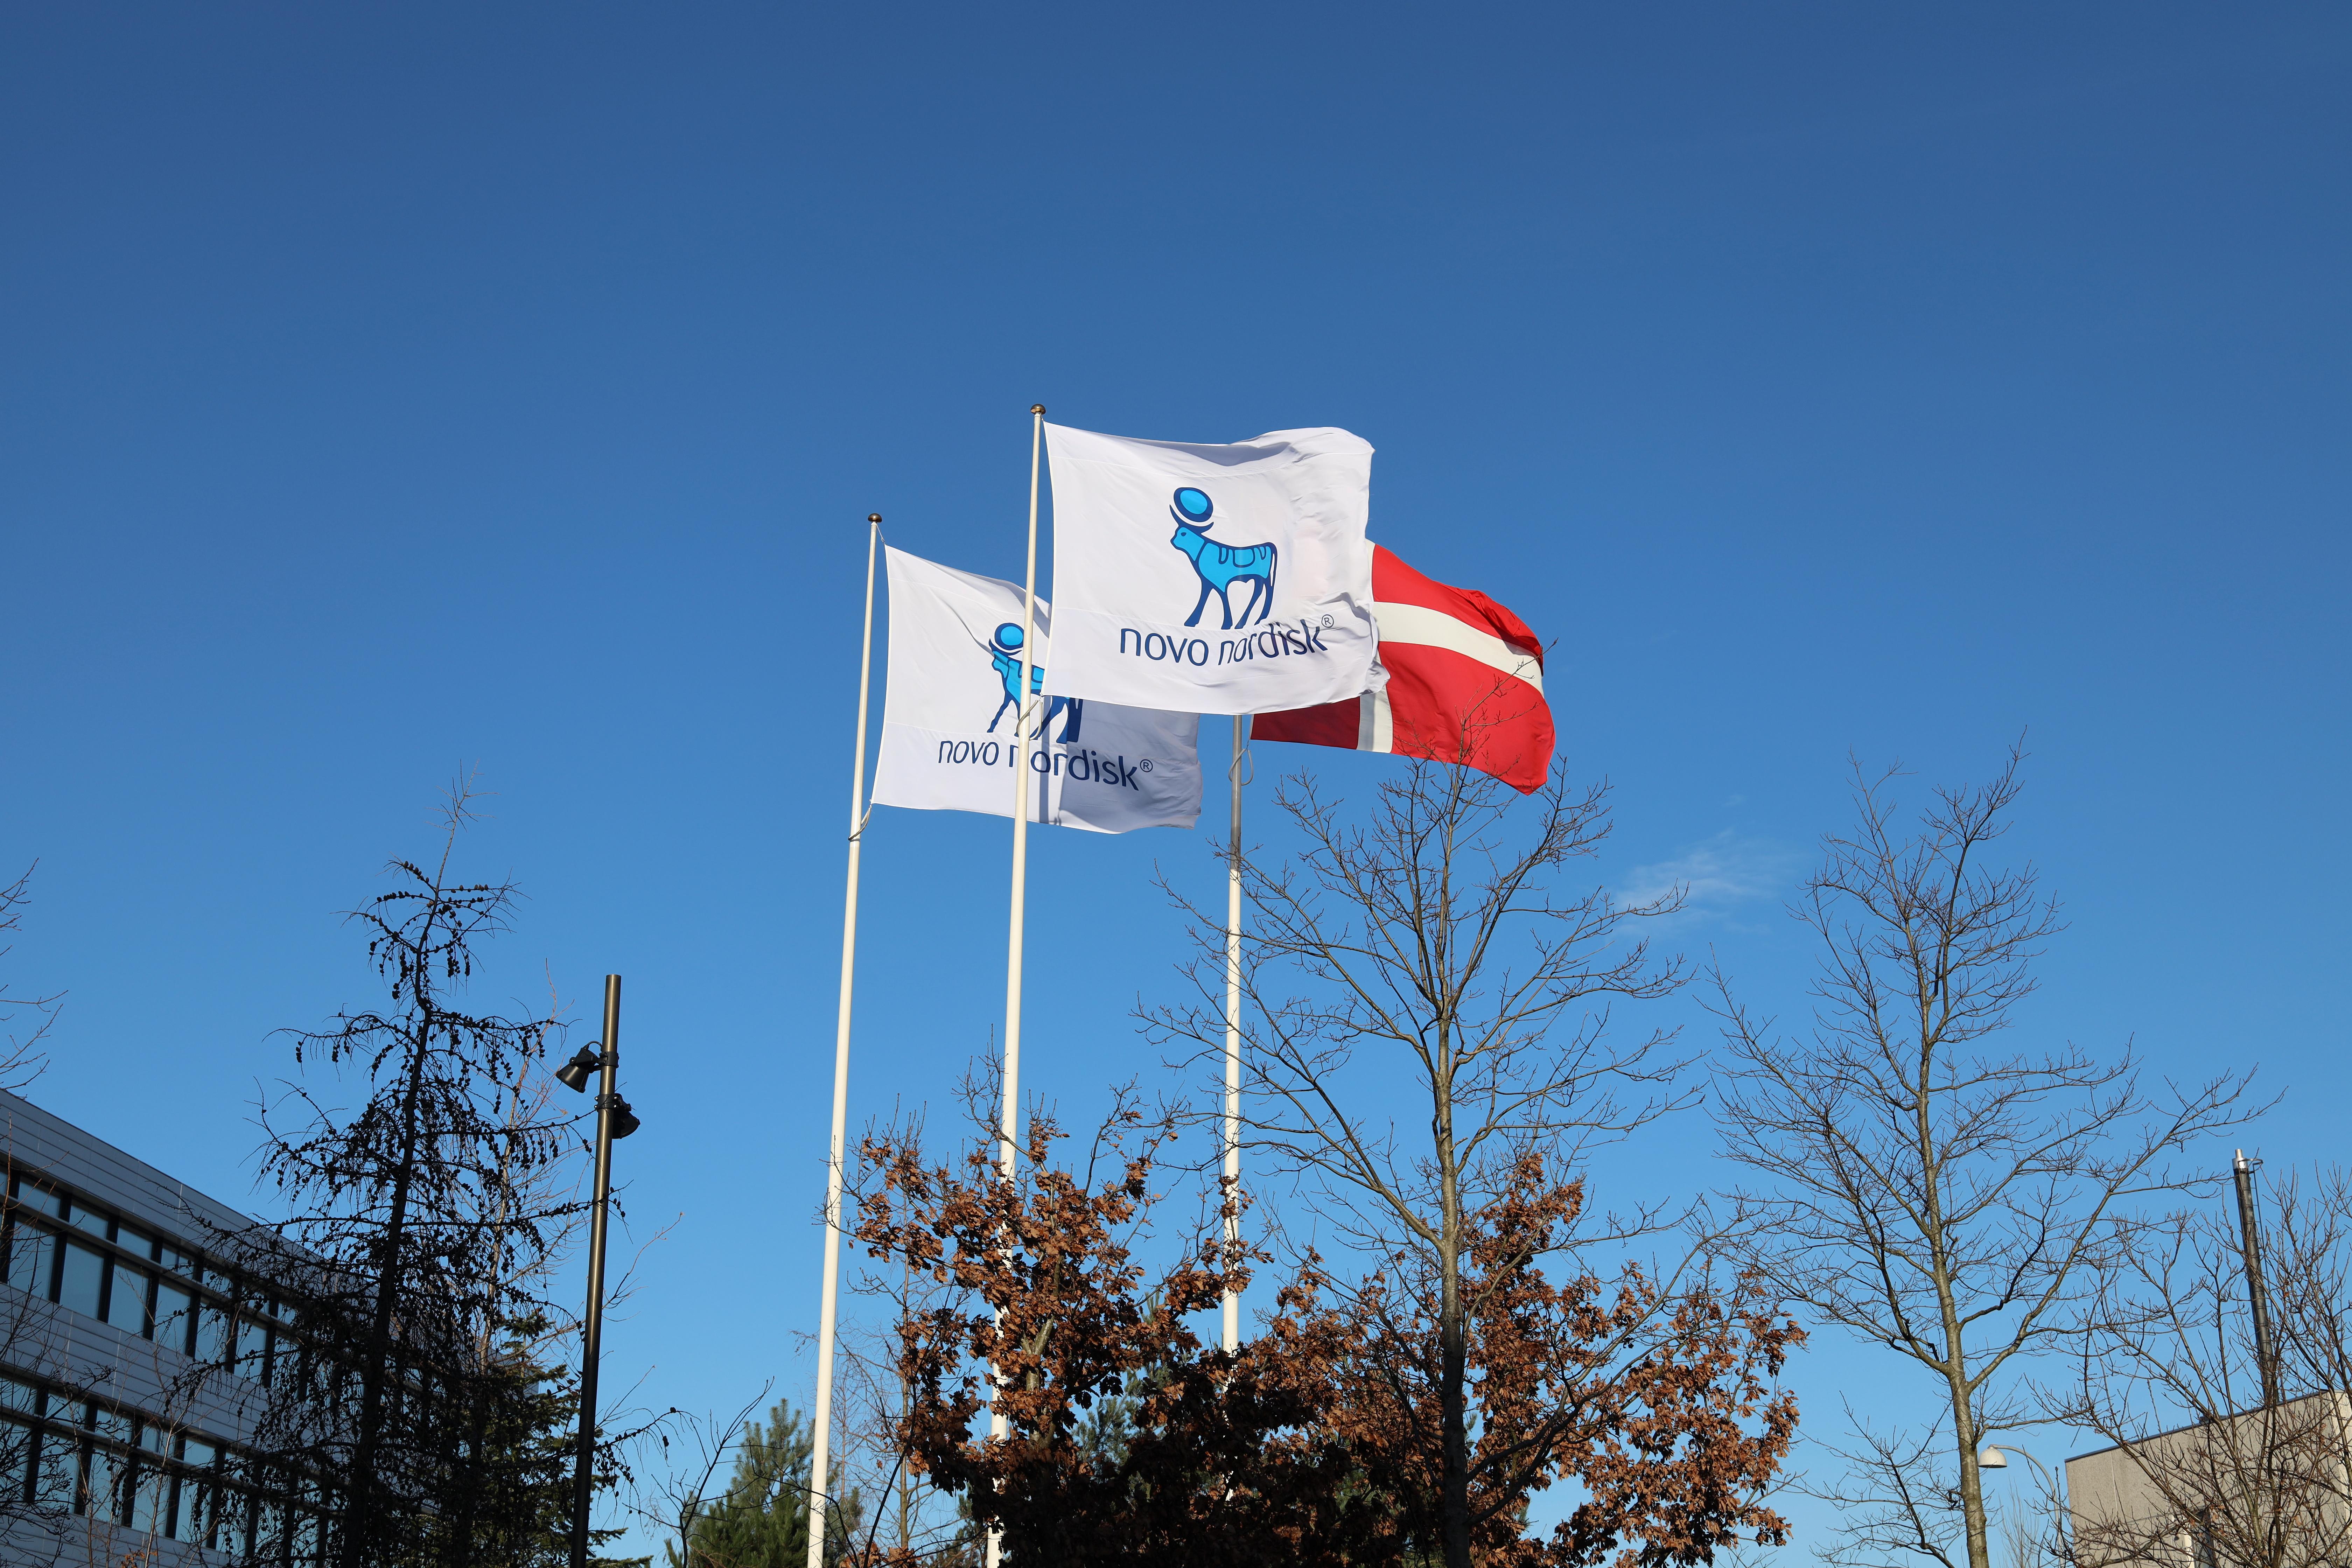 Flags are seen outside Novo Nordisk headquarters in Copenhagen, Denmark, February 5, 2020. REUTERS/Jacob Gronholt-Pedersen/Files